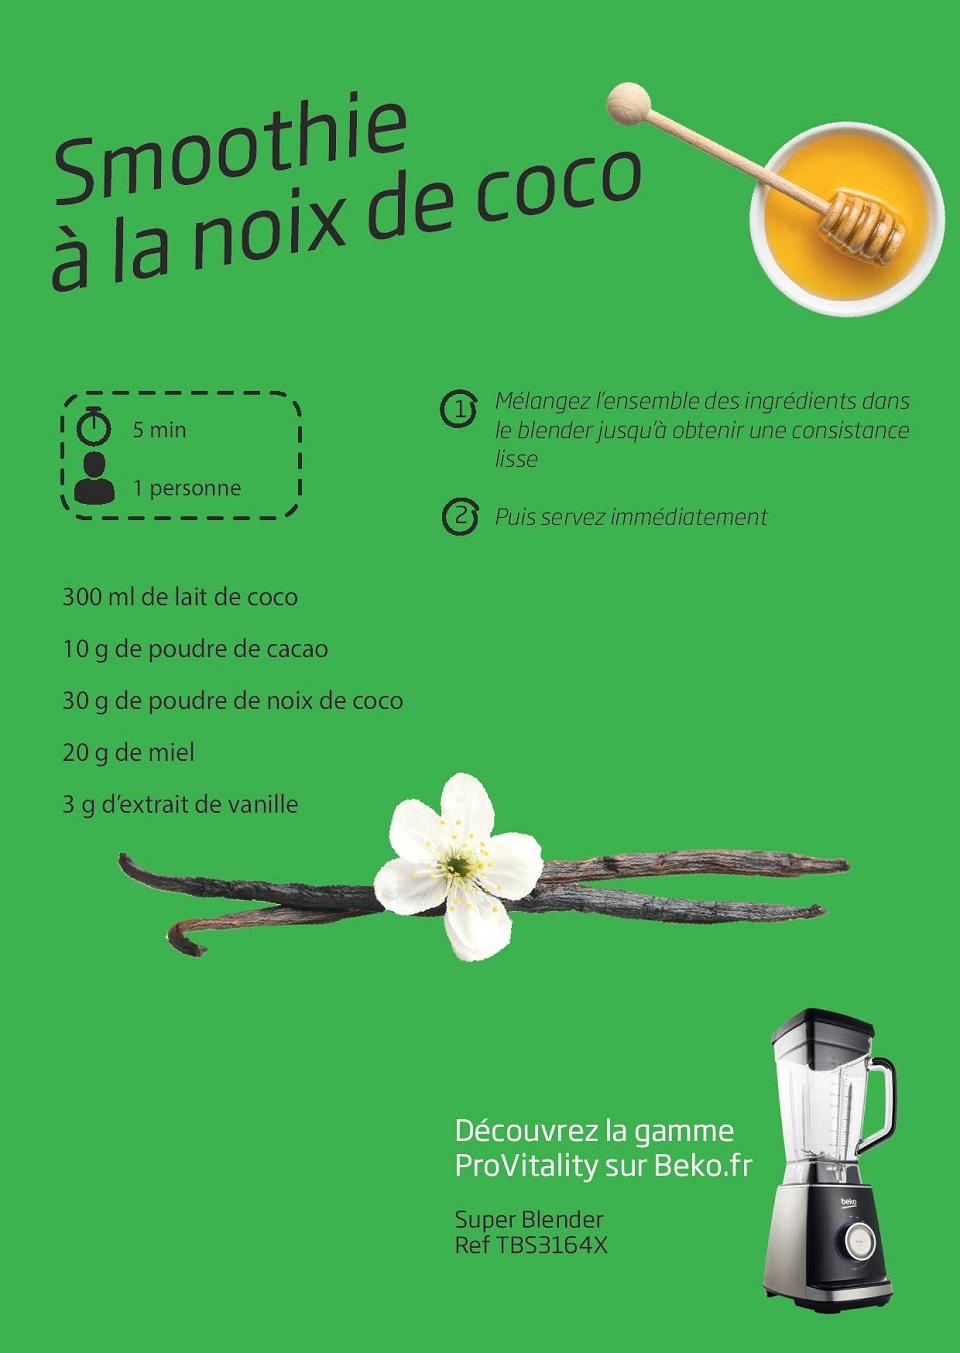 Smoothie noix de coco